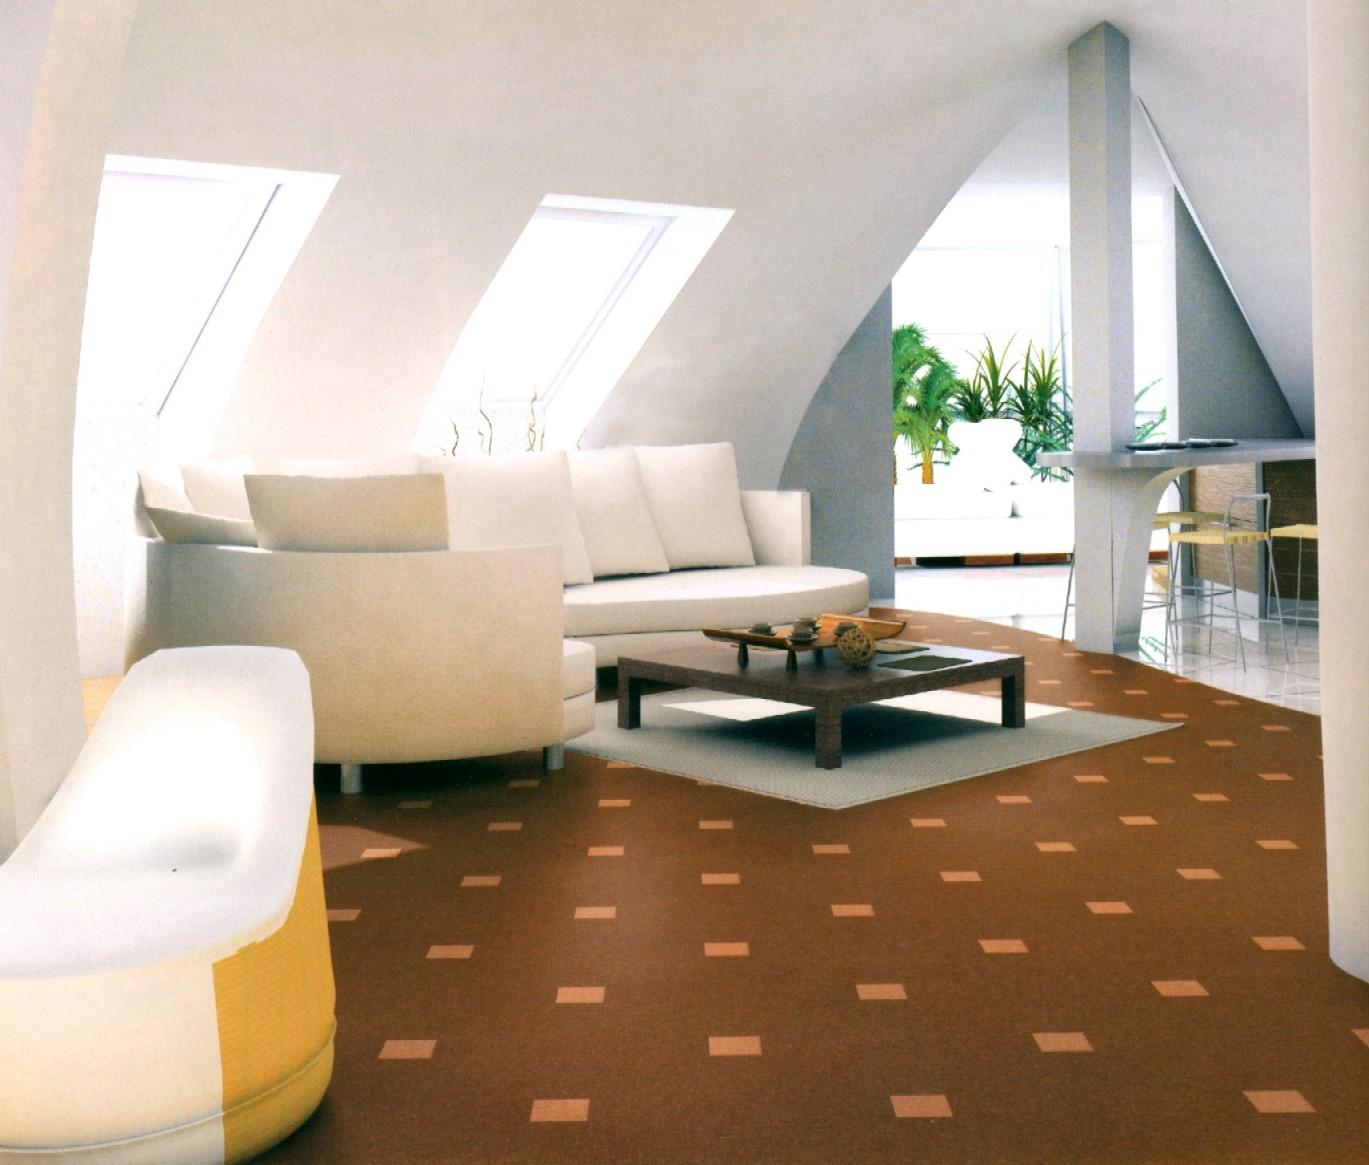 Farben maler blocher bodenbel ge - Bodenbelage schlafzimmer ...